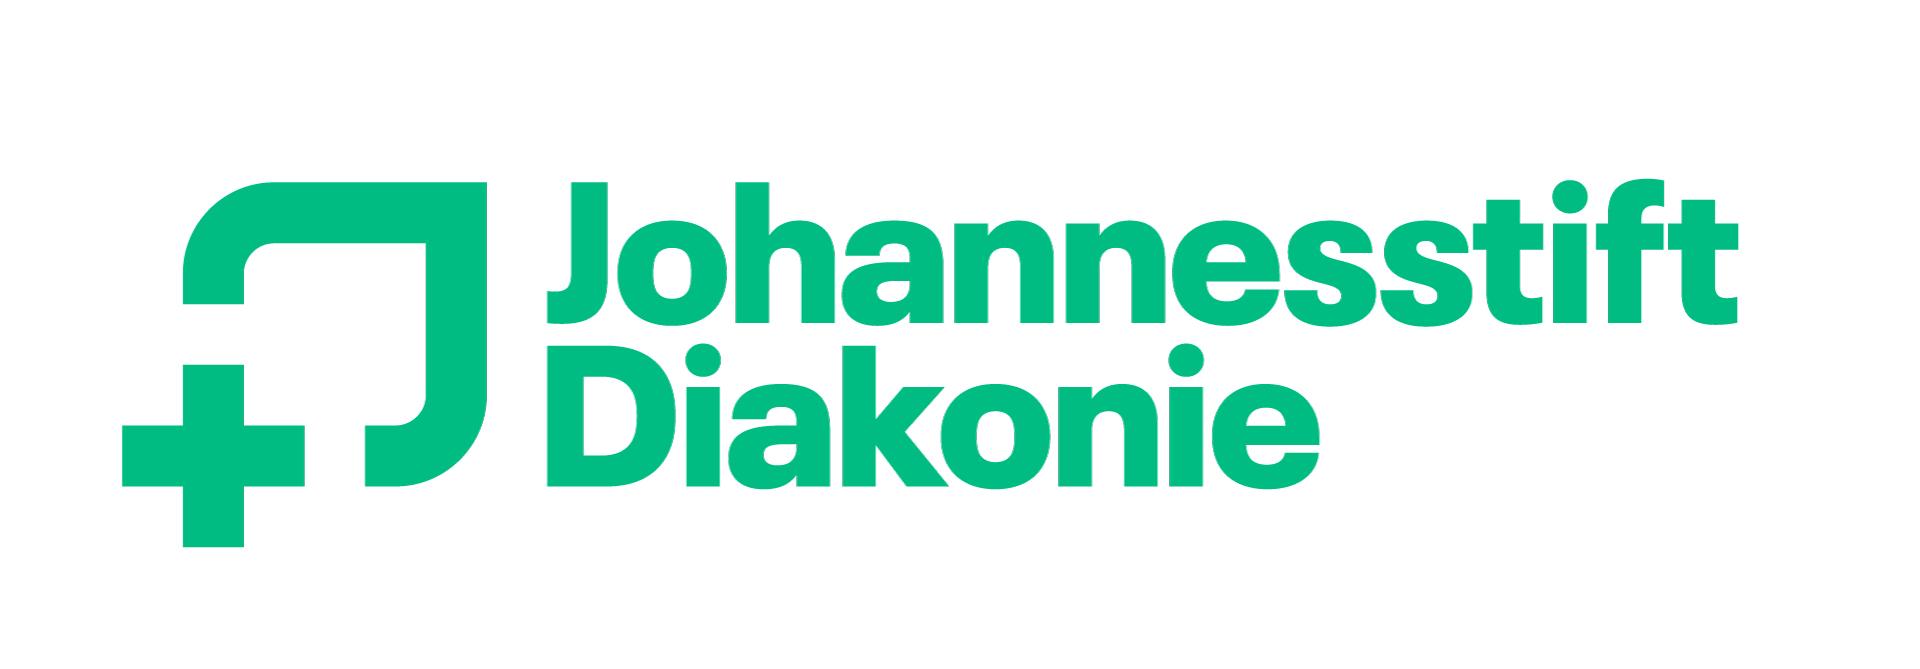 Logo: Evangelisches Johannesstift